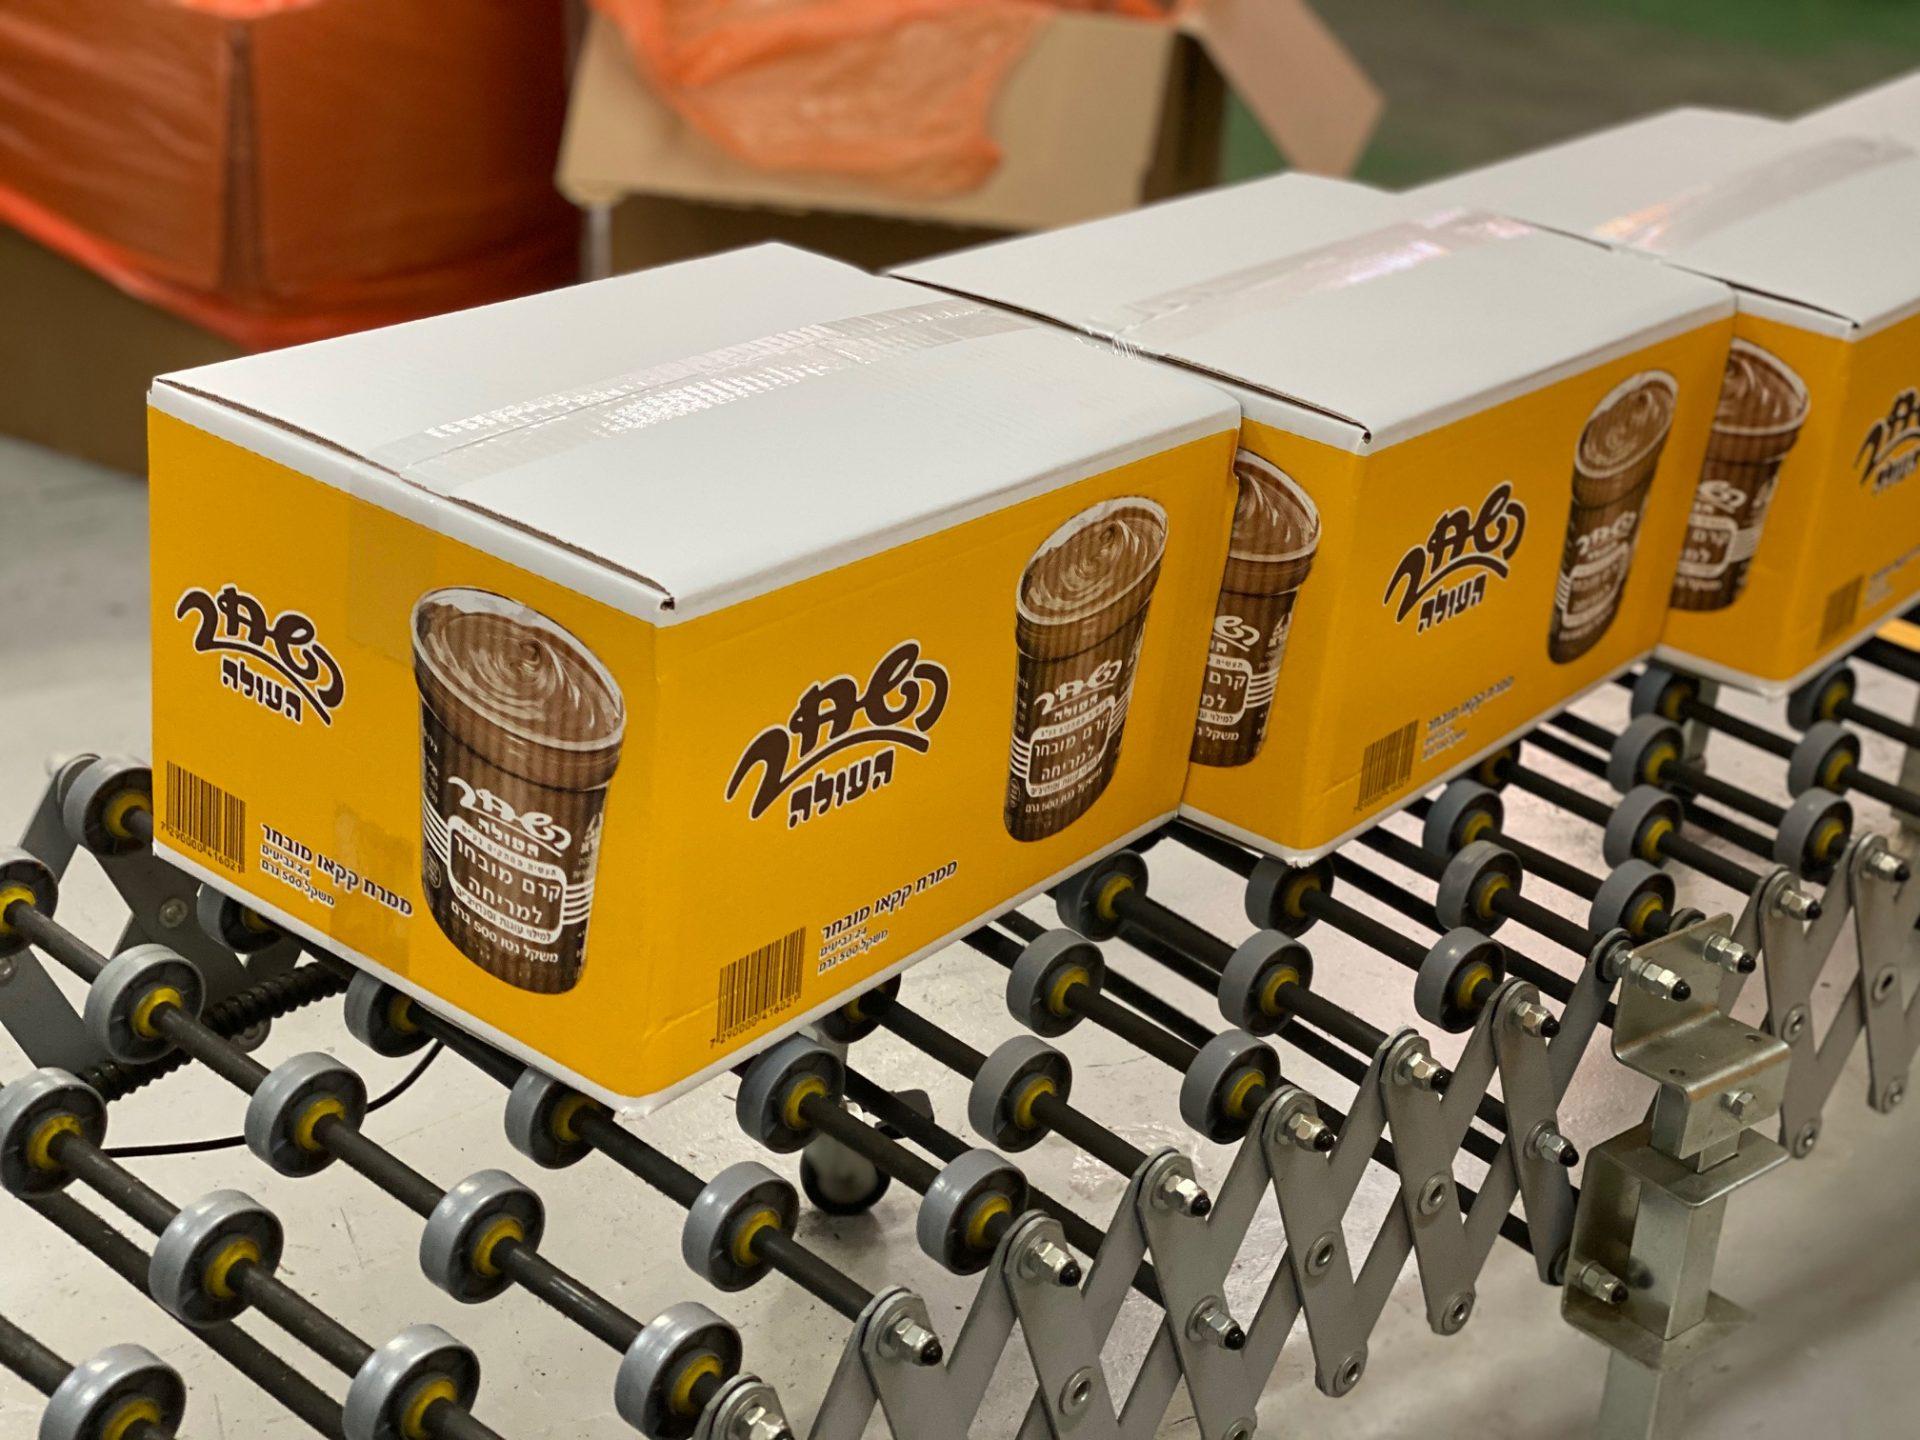 """הטעם תפס עד מהרה את קהל הצרכנים. שוקולד """"השחר"""" (צילום: יח""""צ)"""